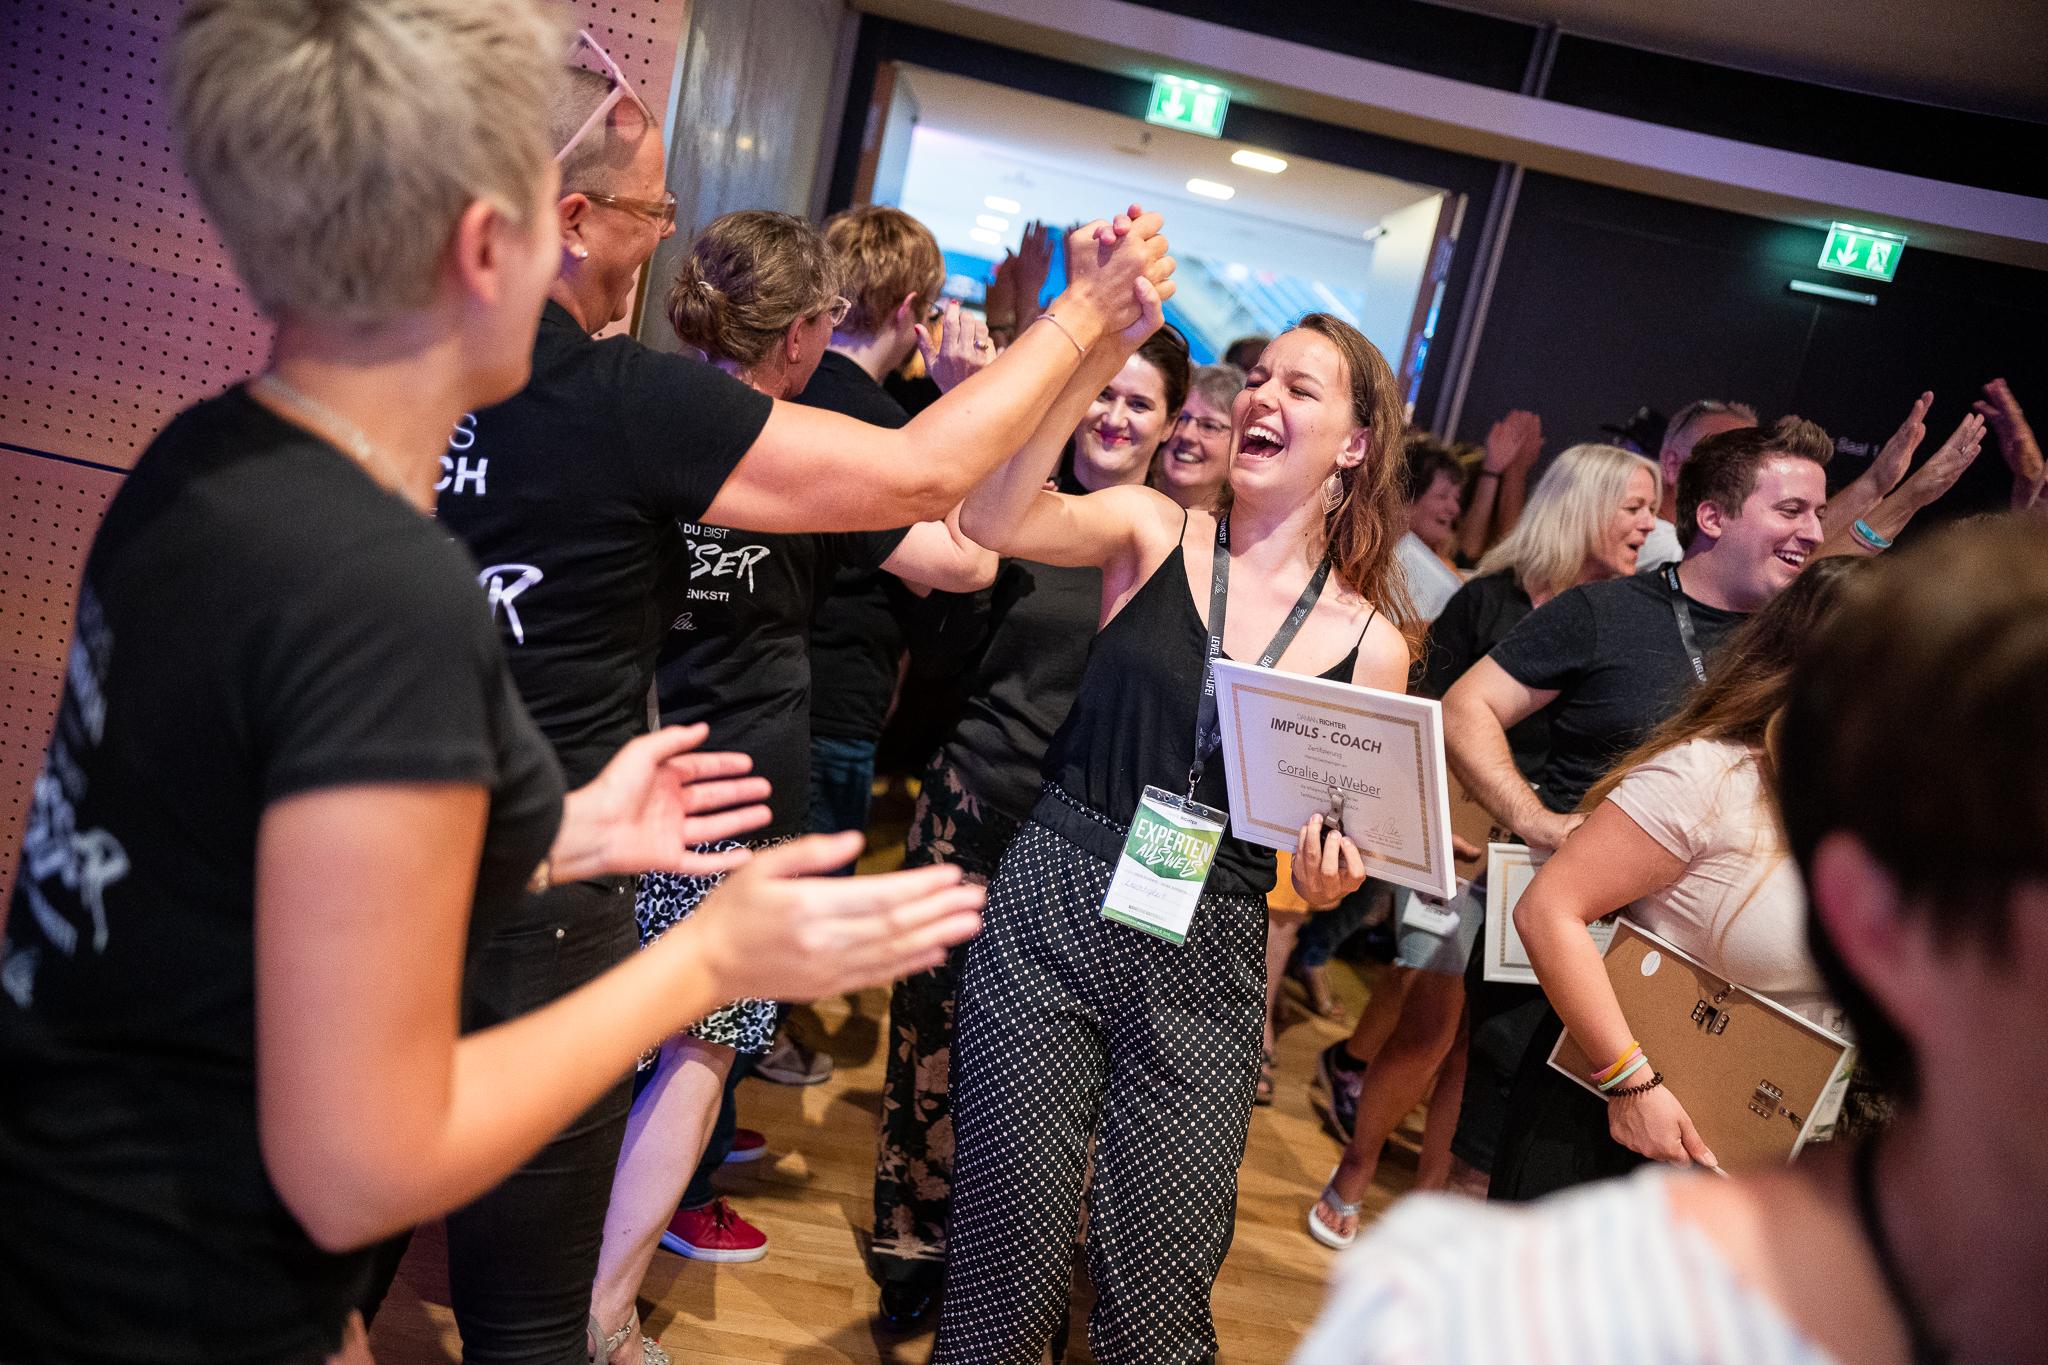 Teilnehmerin freut sich über ihr Impuls-Coach-Zertifikat